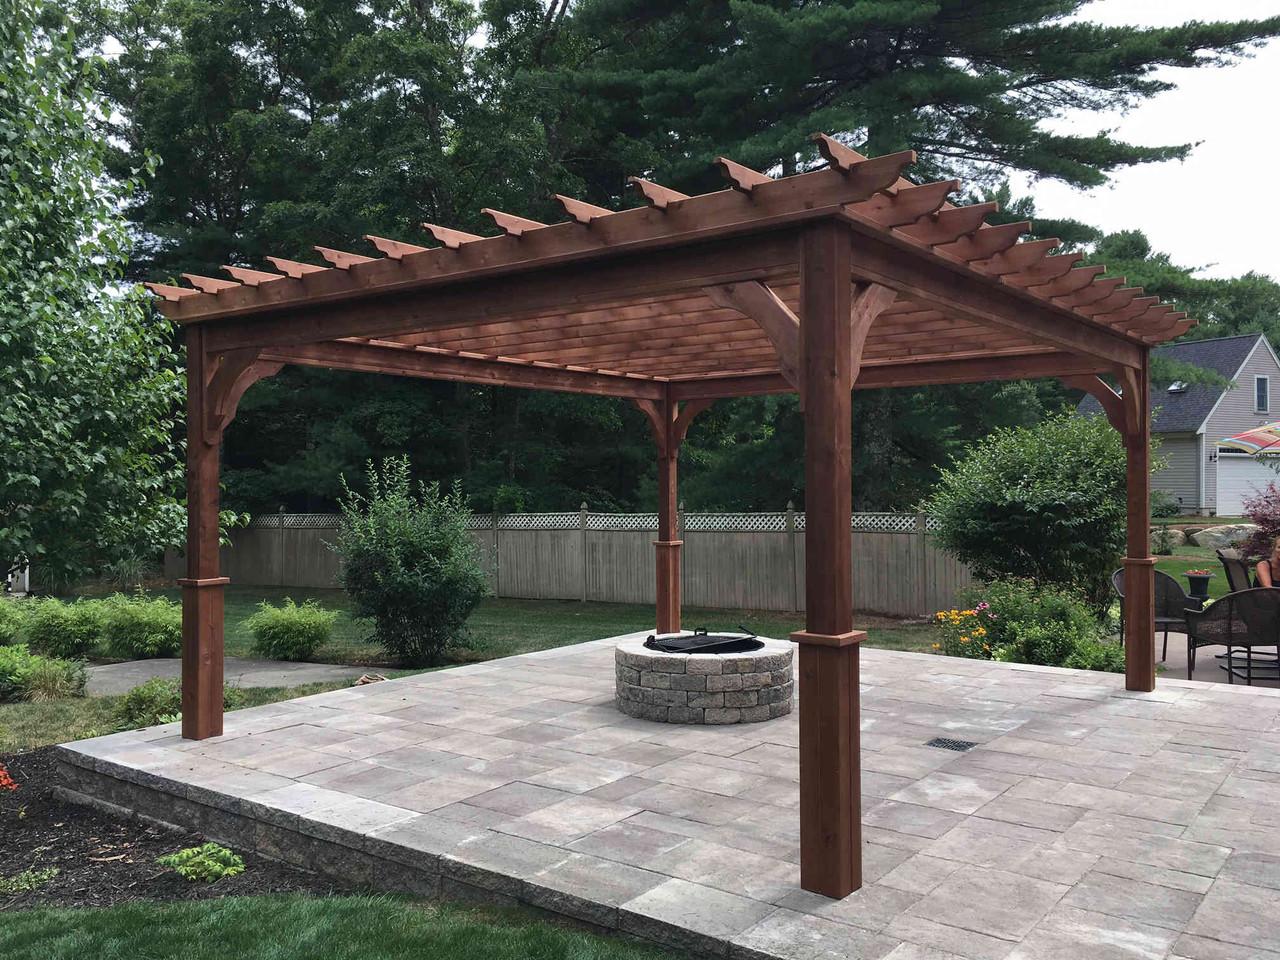 14x16 Serenity Cedar Pergola Kit, Mahogany Stain / Dartmouth, MA